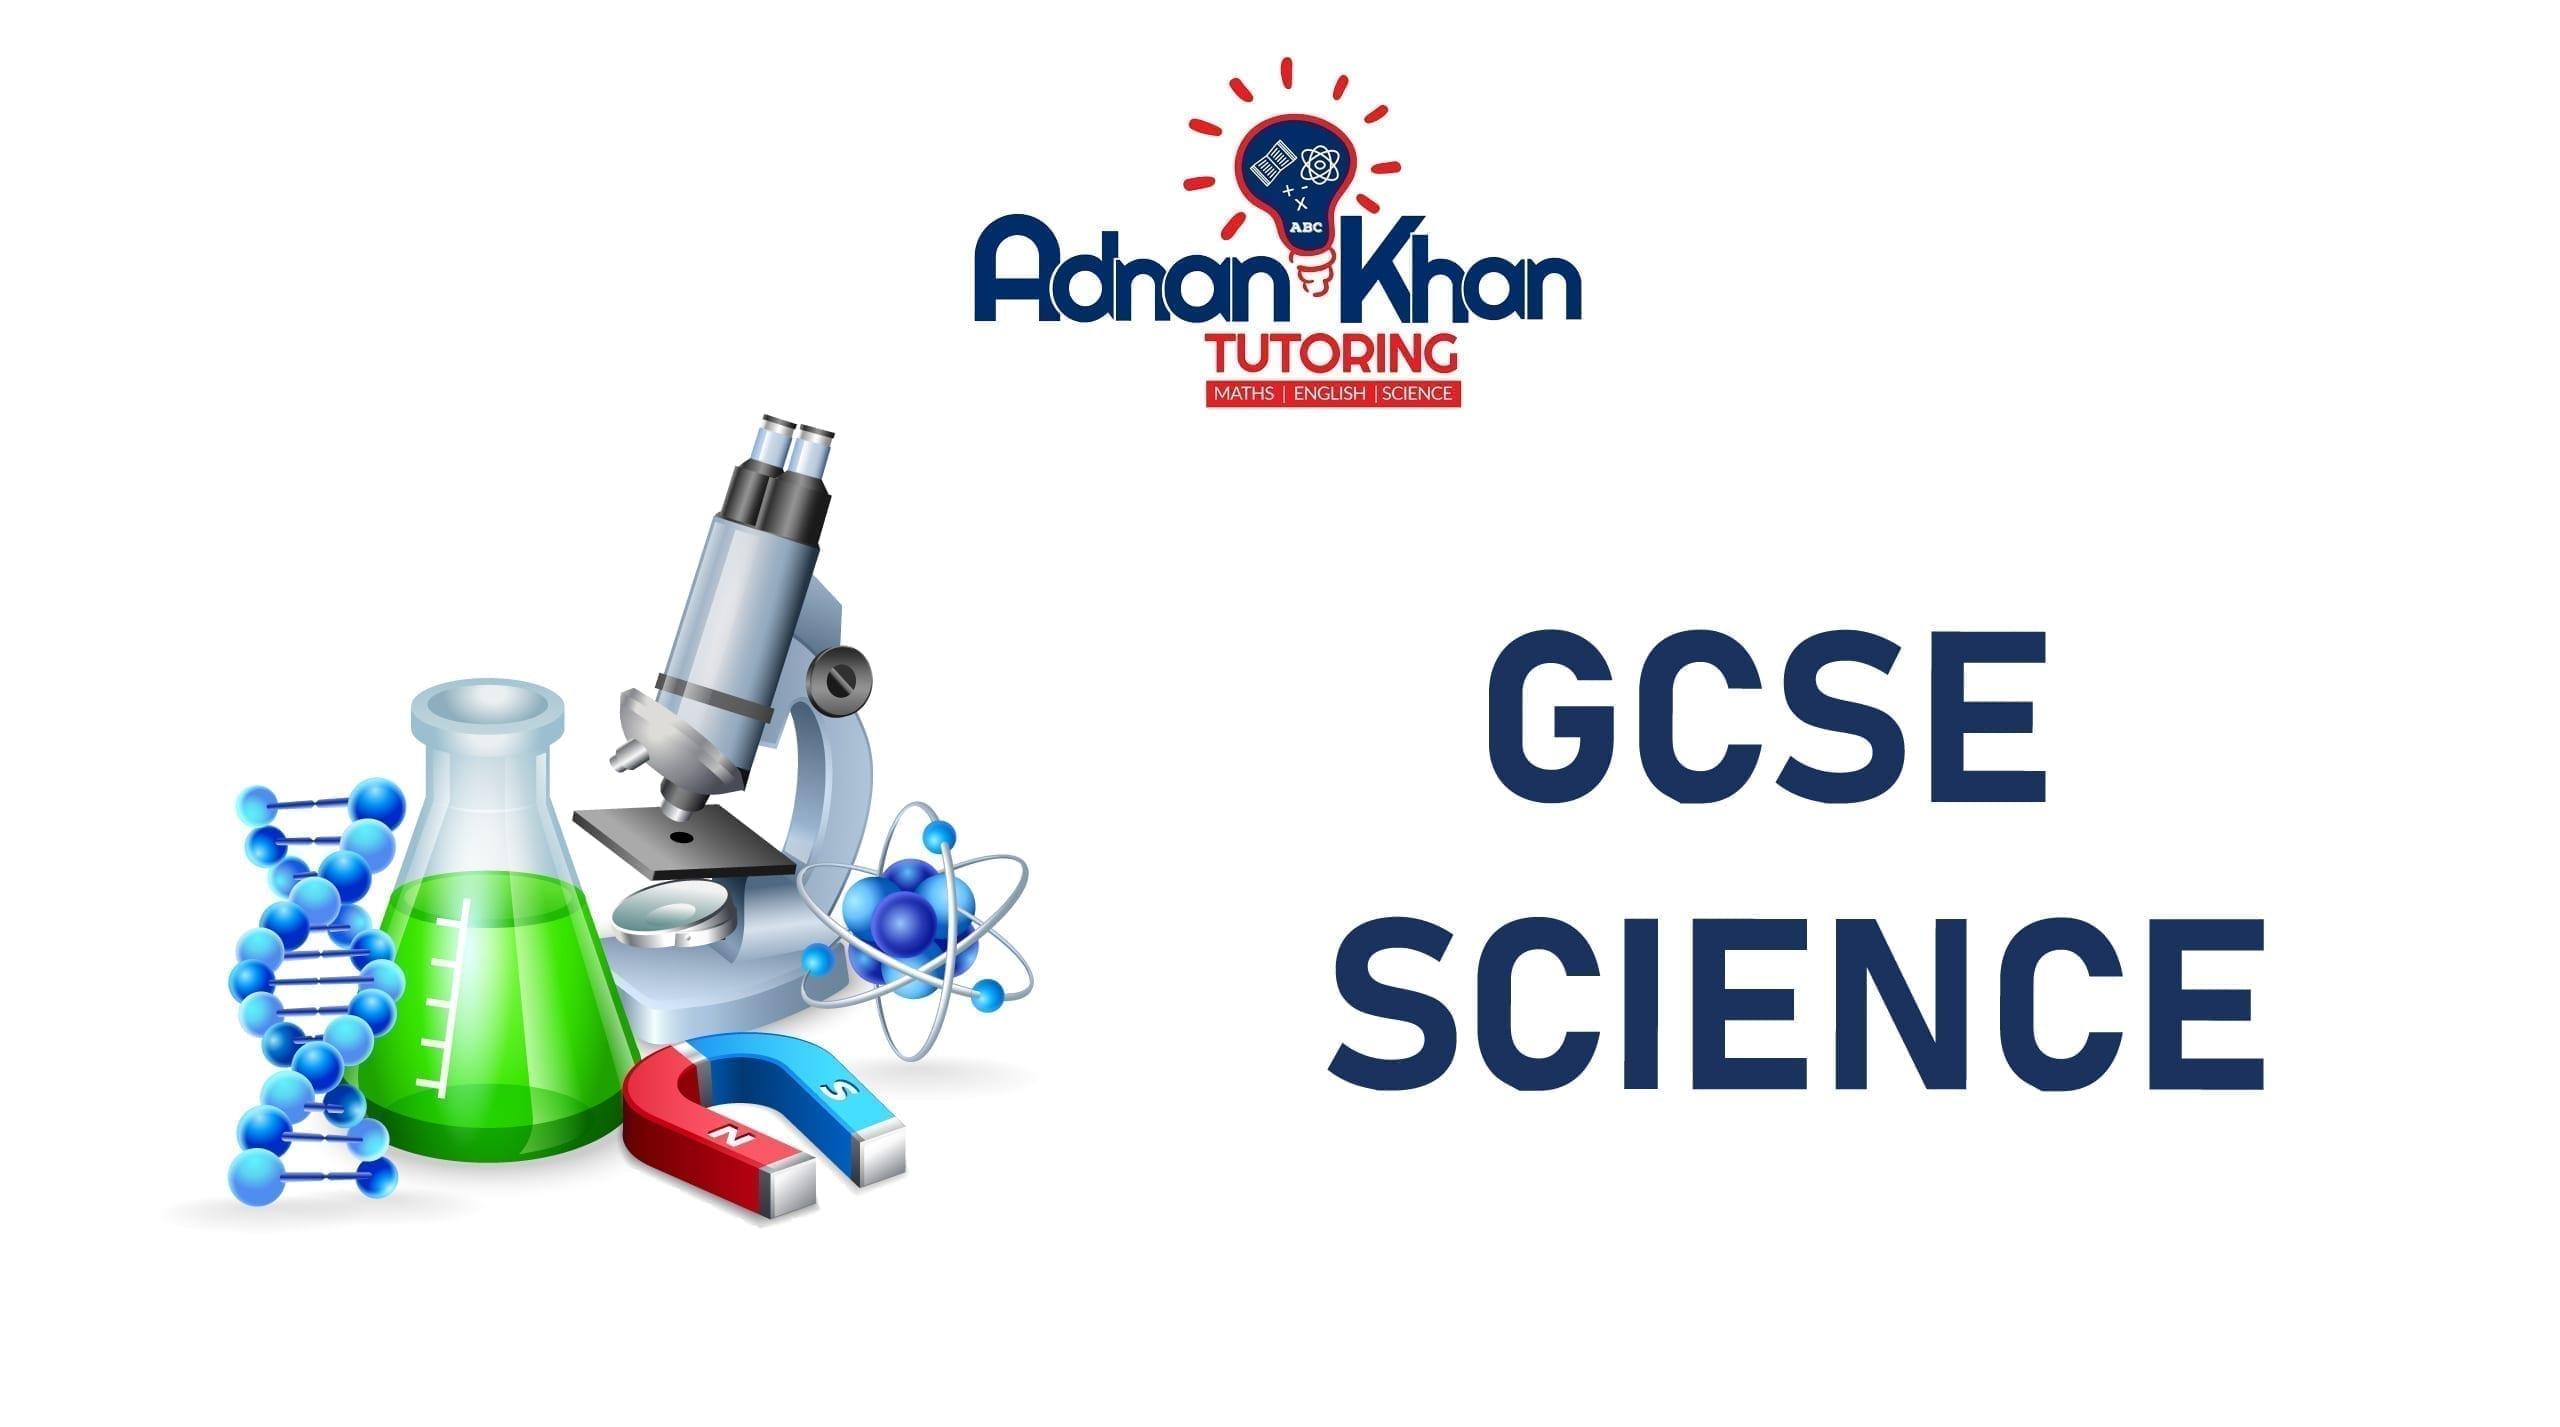 GCSE SCIENCE Adnan Khan Tutoring